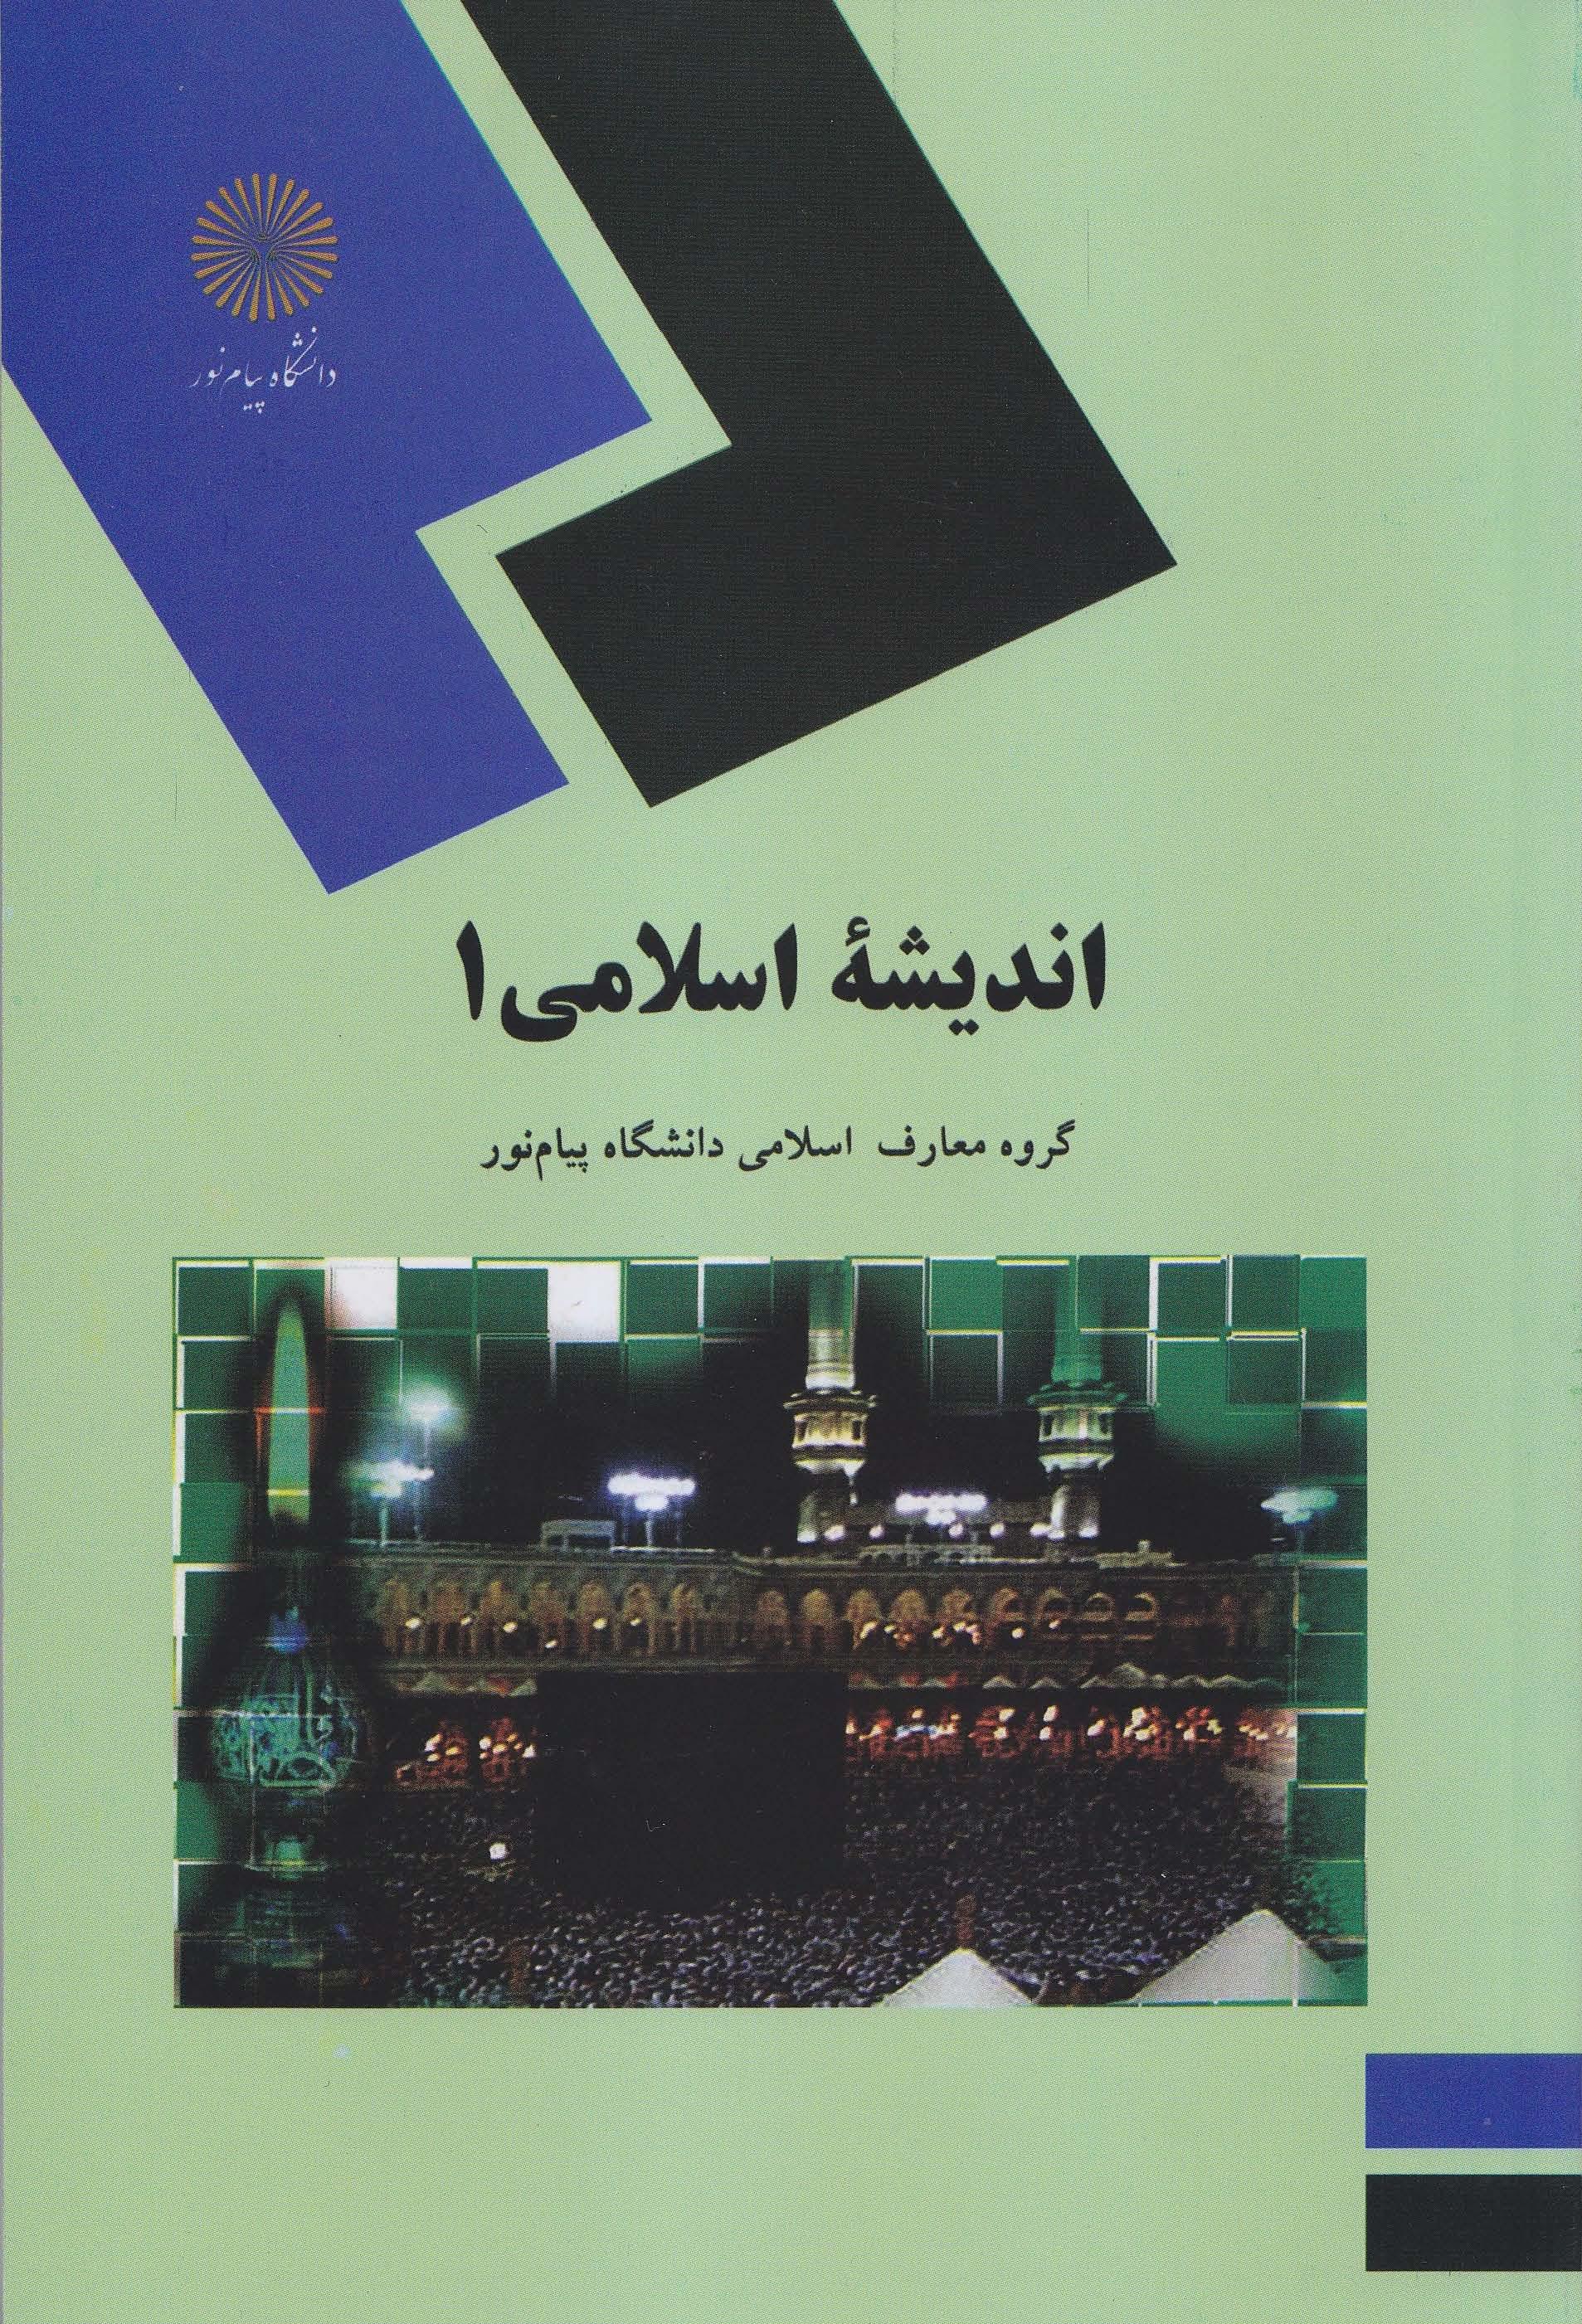 انديشه اسلامي 1 - گروه معارف اسلامي دانشگاه پيام نور